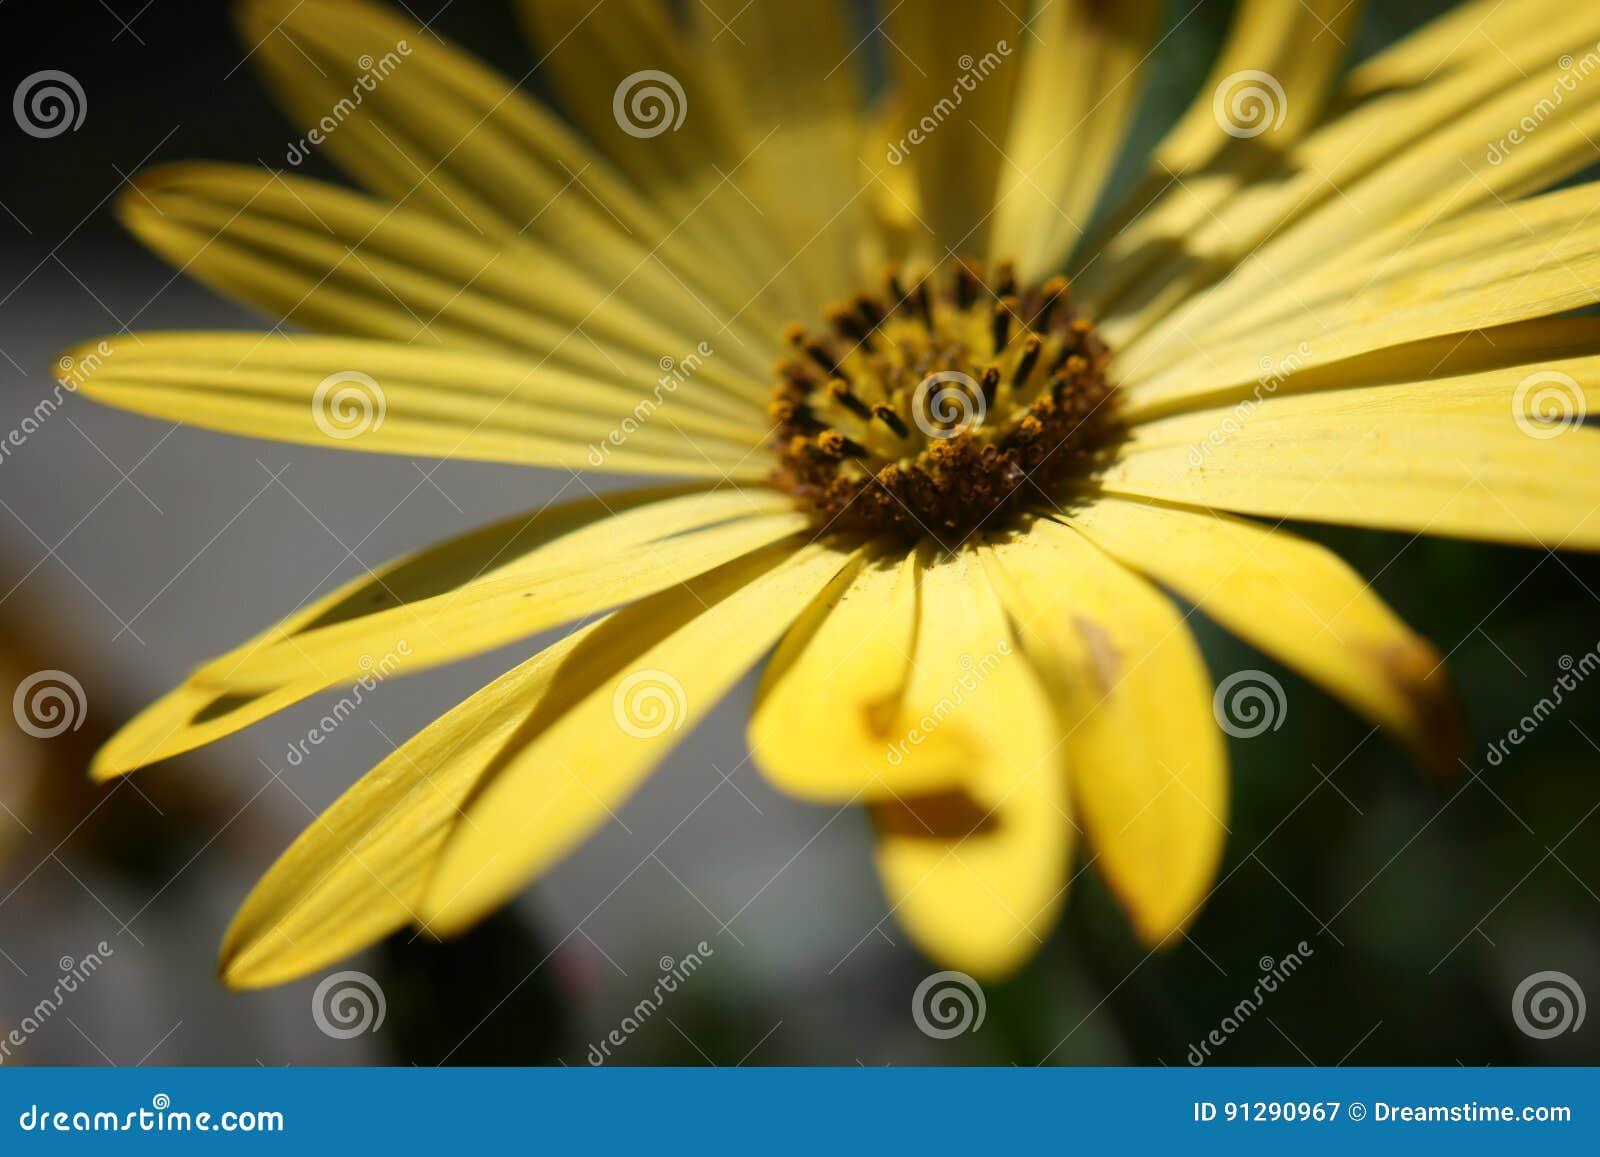 Plan rapproché jaune de fleur